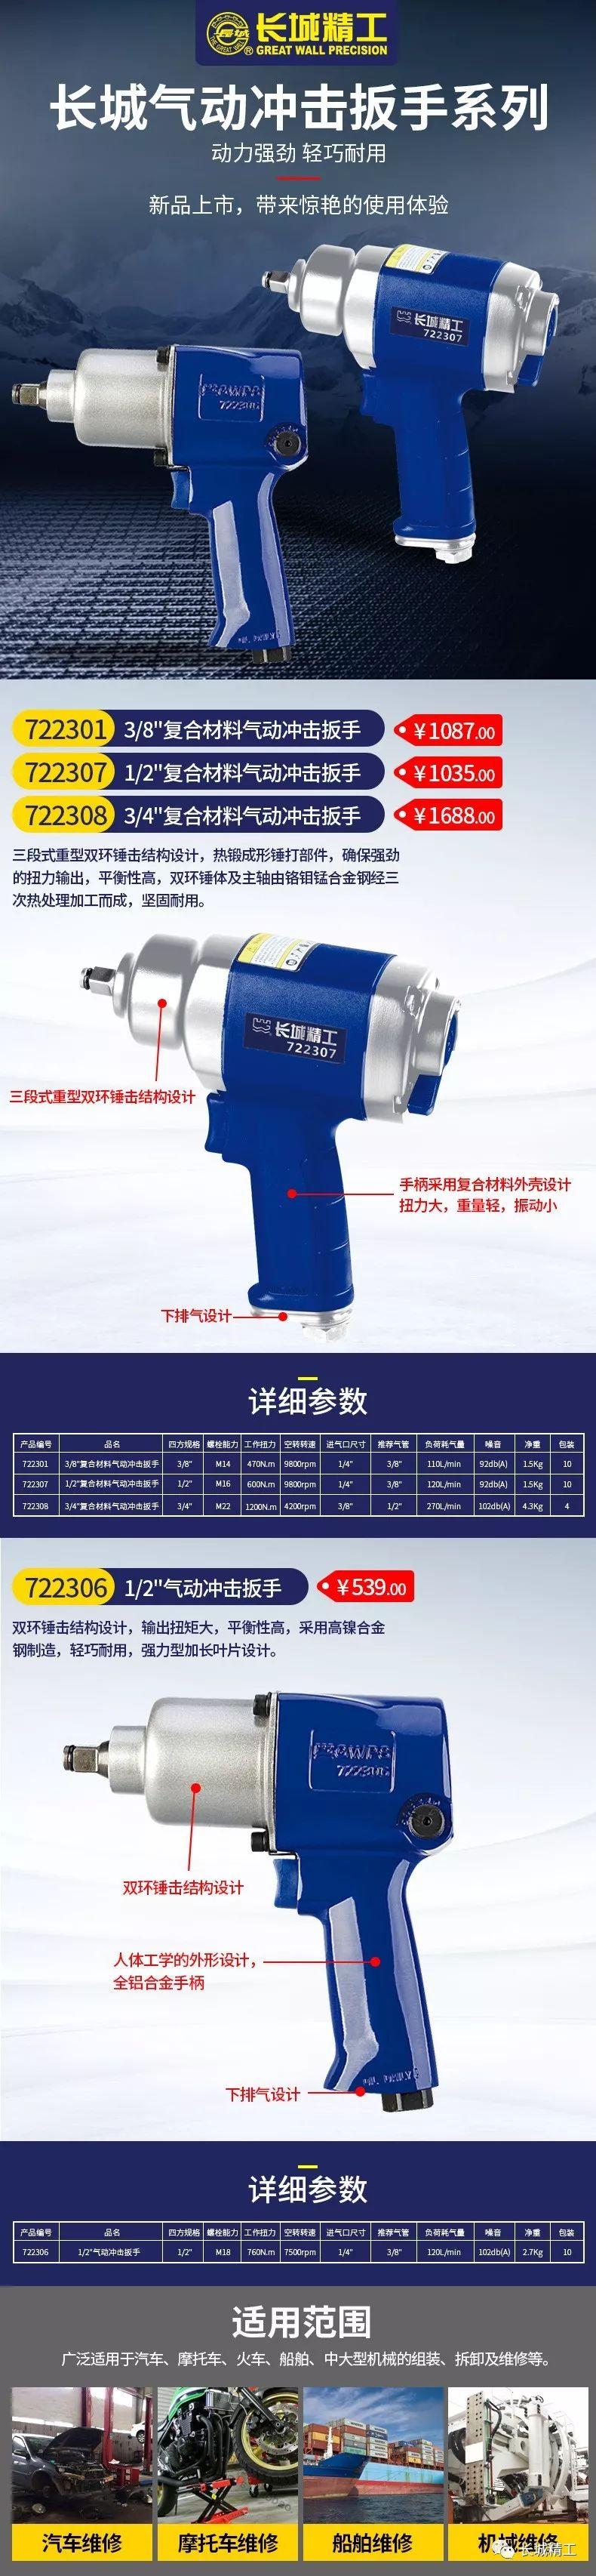 警法 正文  风炮是一种气动工具,也称作气动扳手.图片